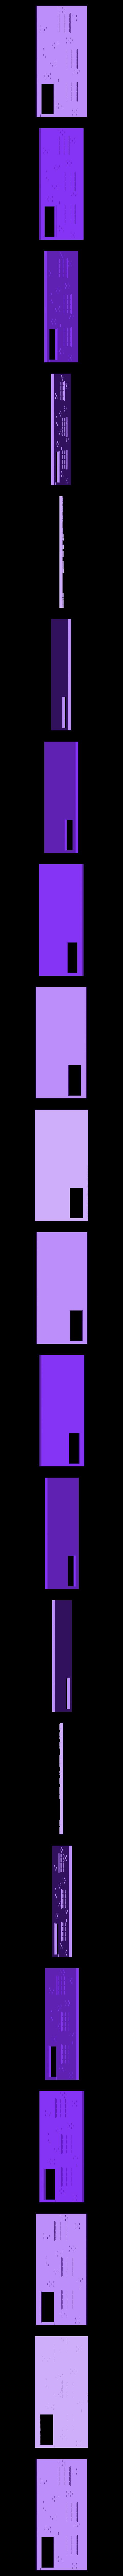 t_terr_bk2_1.stl Télécharger fichier STL gratuit Ripper's London - Maisons à haute hauteur • Design pour imprimante 3D, Earsling